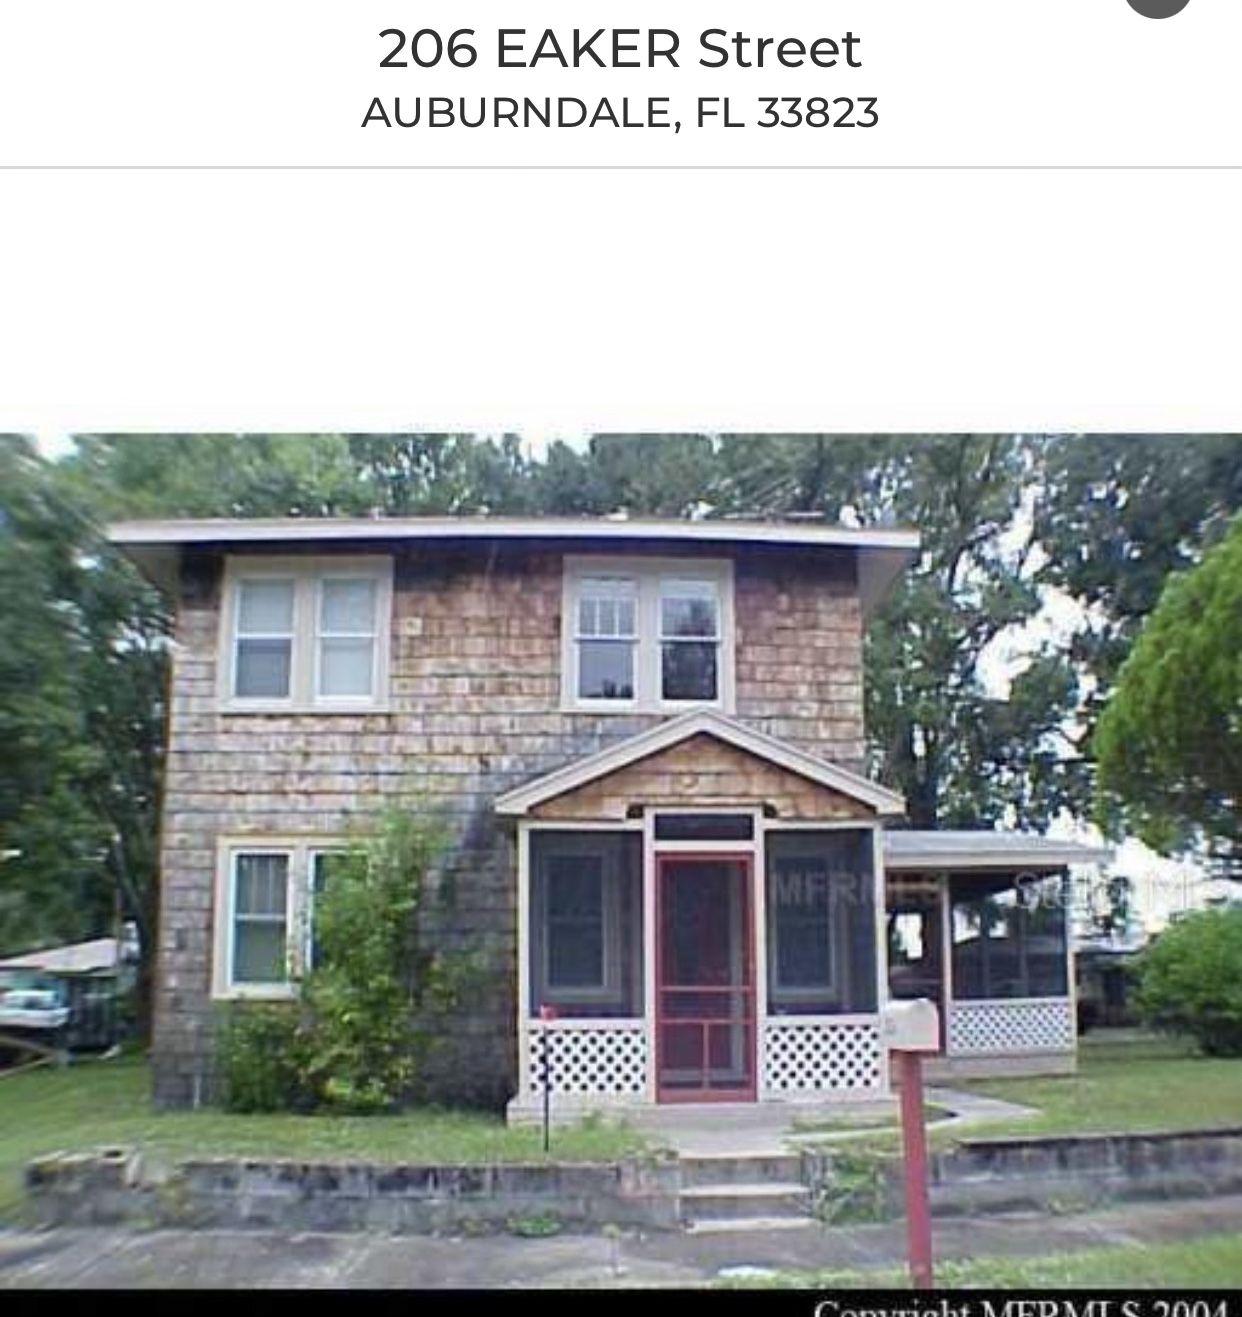 206 Eaker St, Auburndale, FL